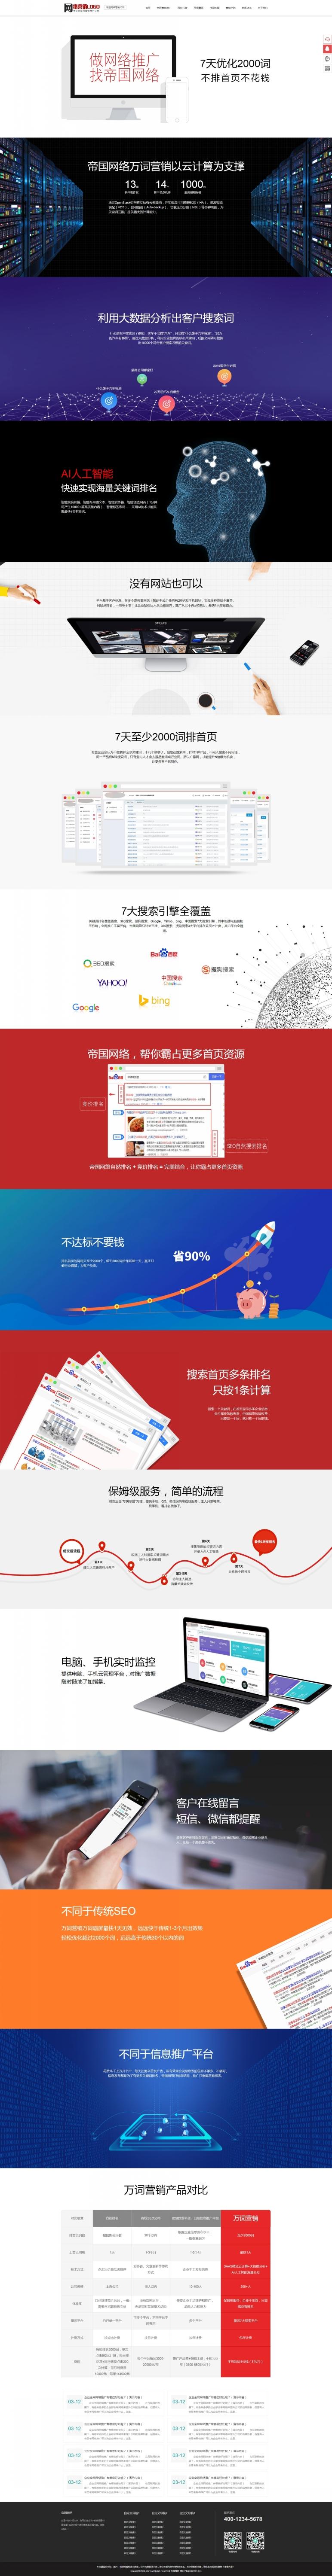 [DG-0184]帝国cms高端网络推广公司网站模板,网络营销策划广告推广公司网站模板(带PC+移动端同步生成插件、独立手机端) 企业模板 第4张